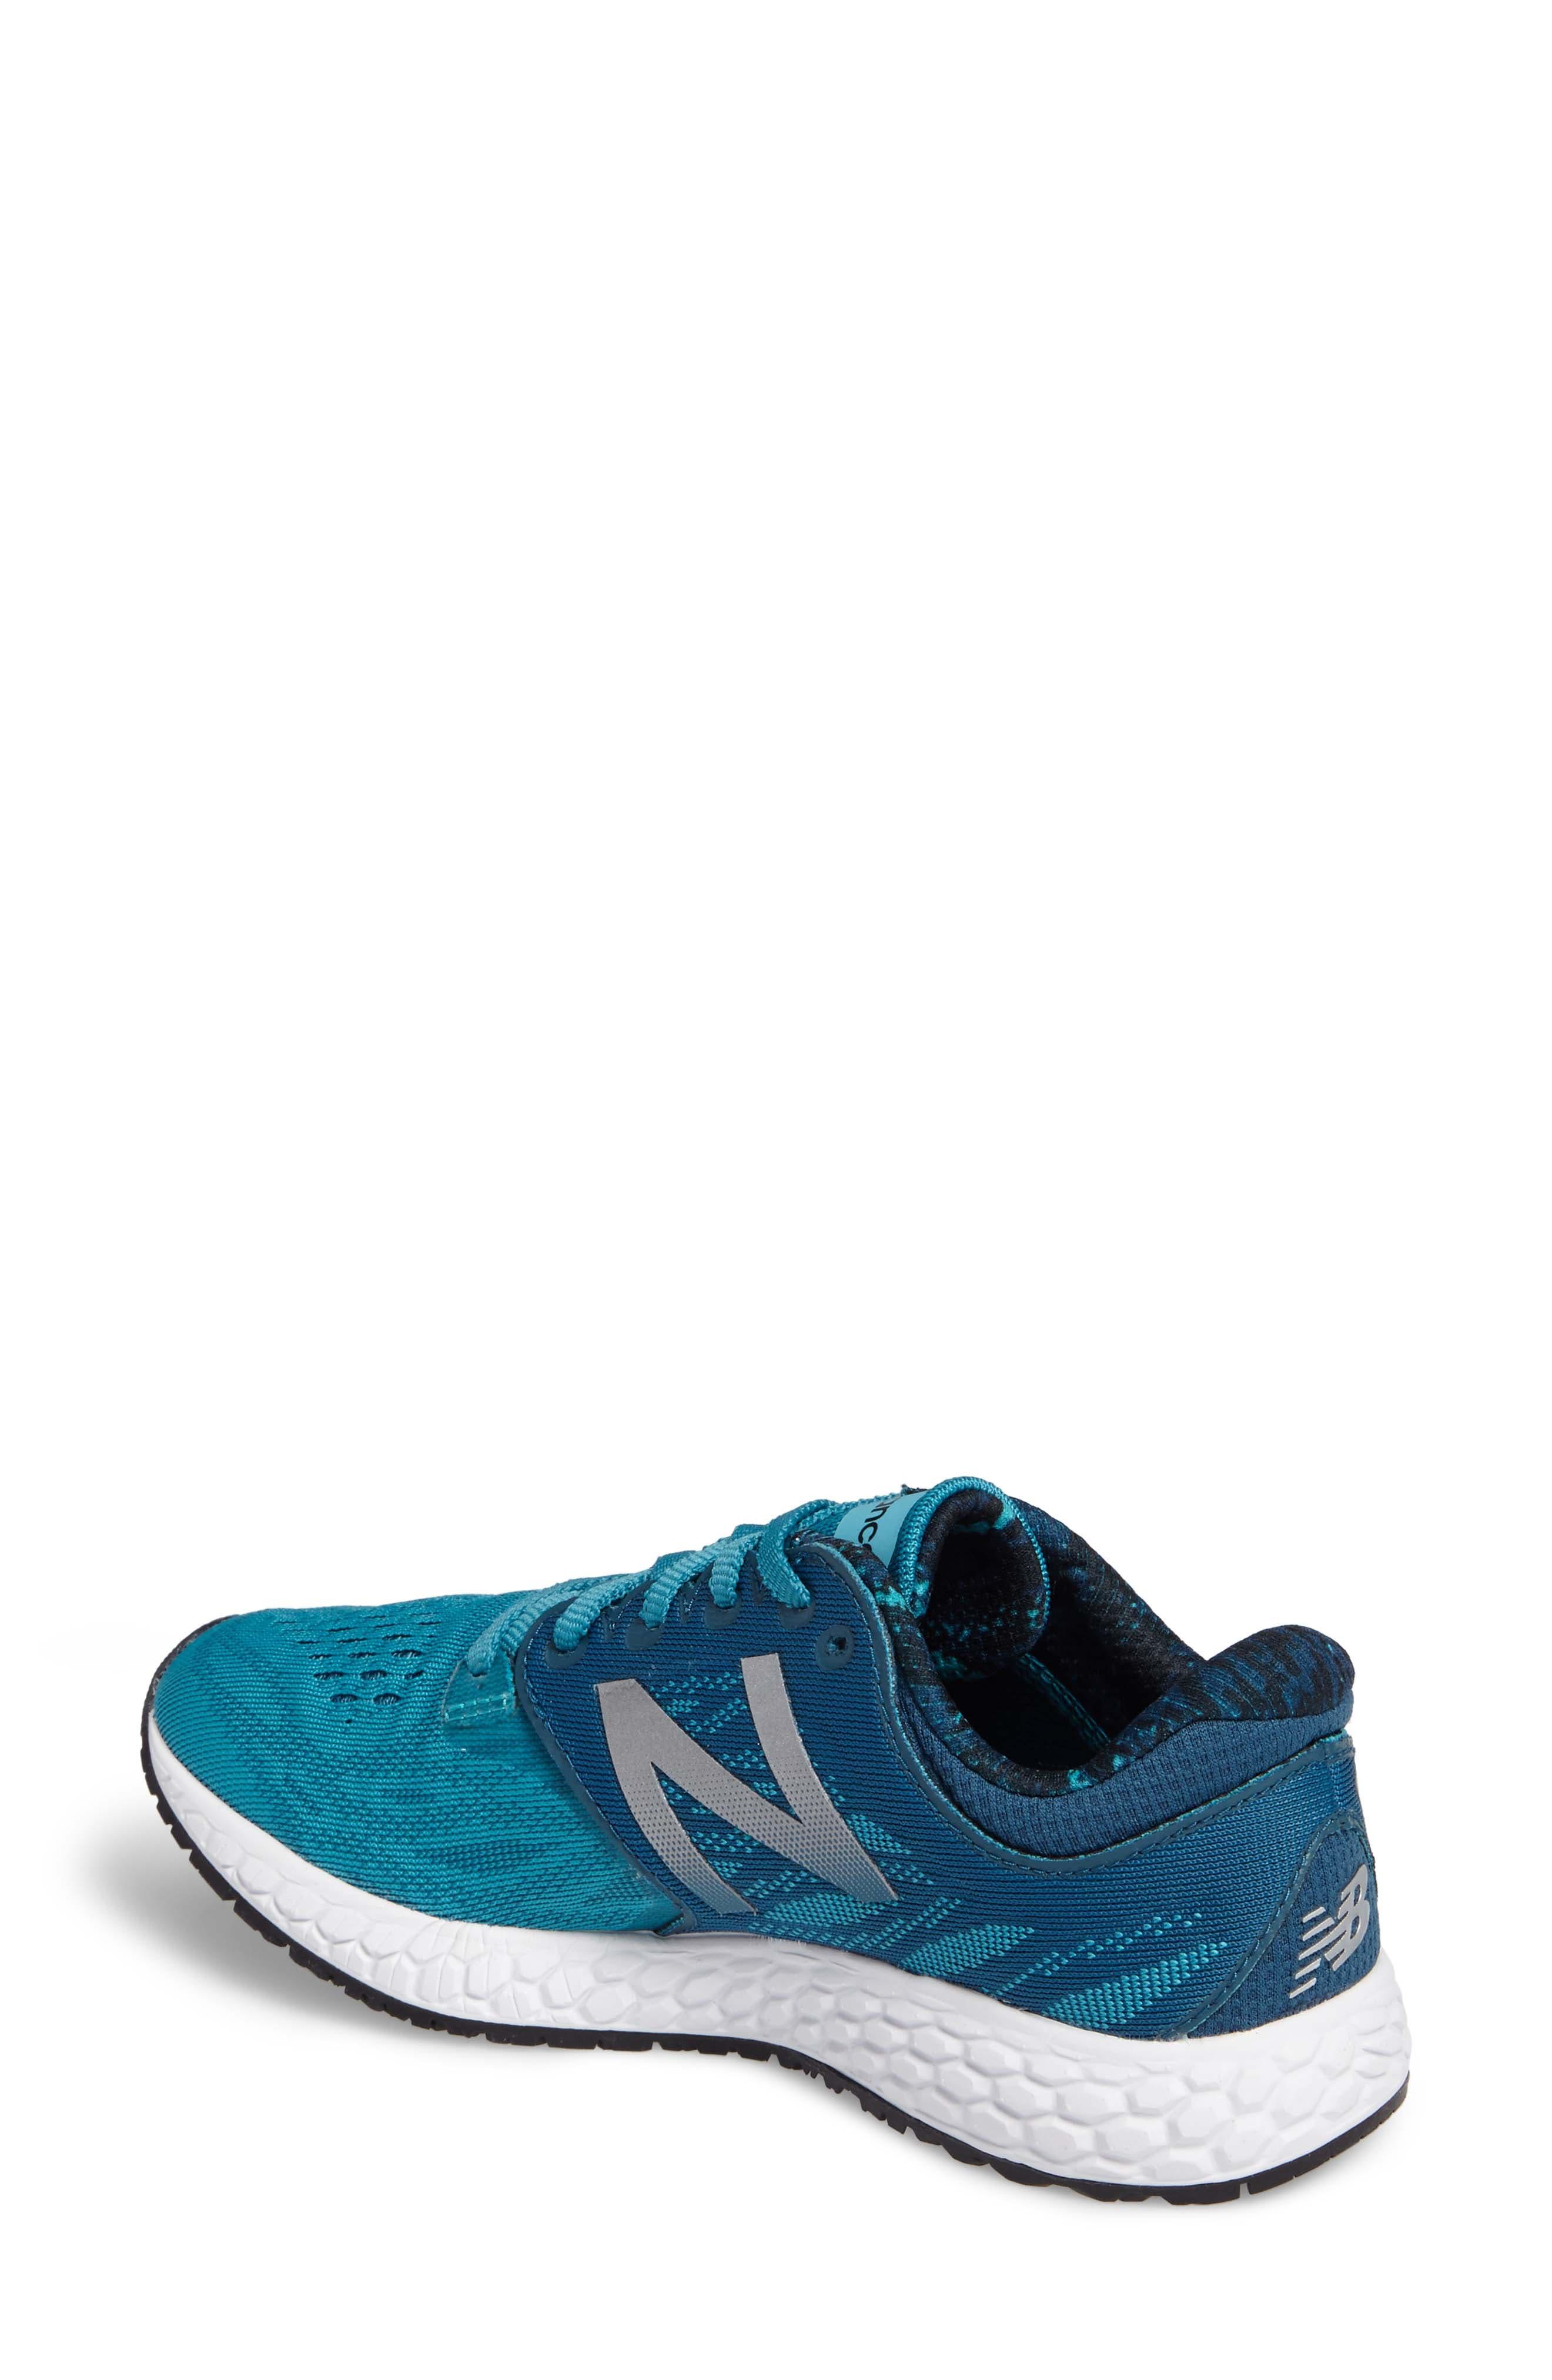 Zante V3 Running Shoe,                             Alternate thumbnail 2, color,                             Pisces